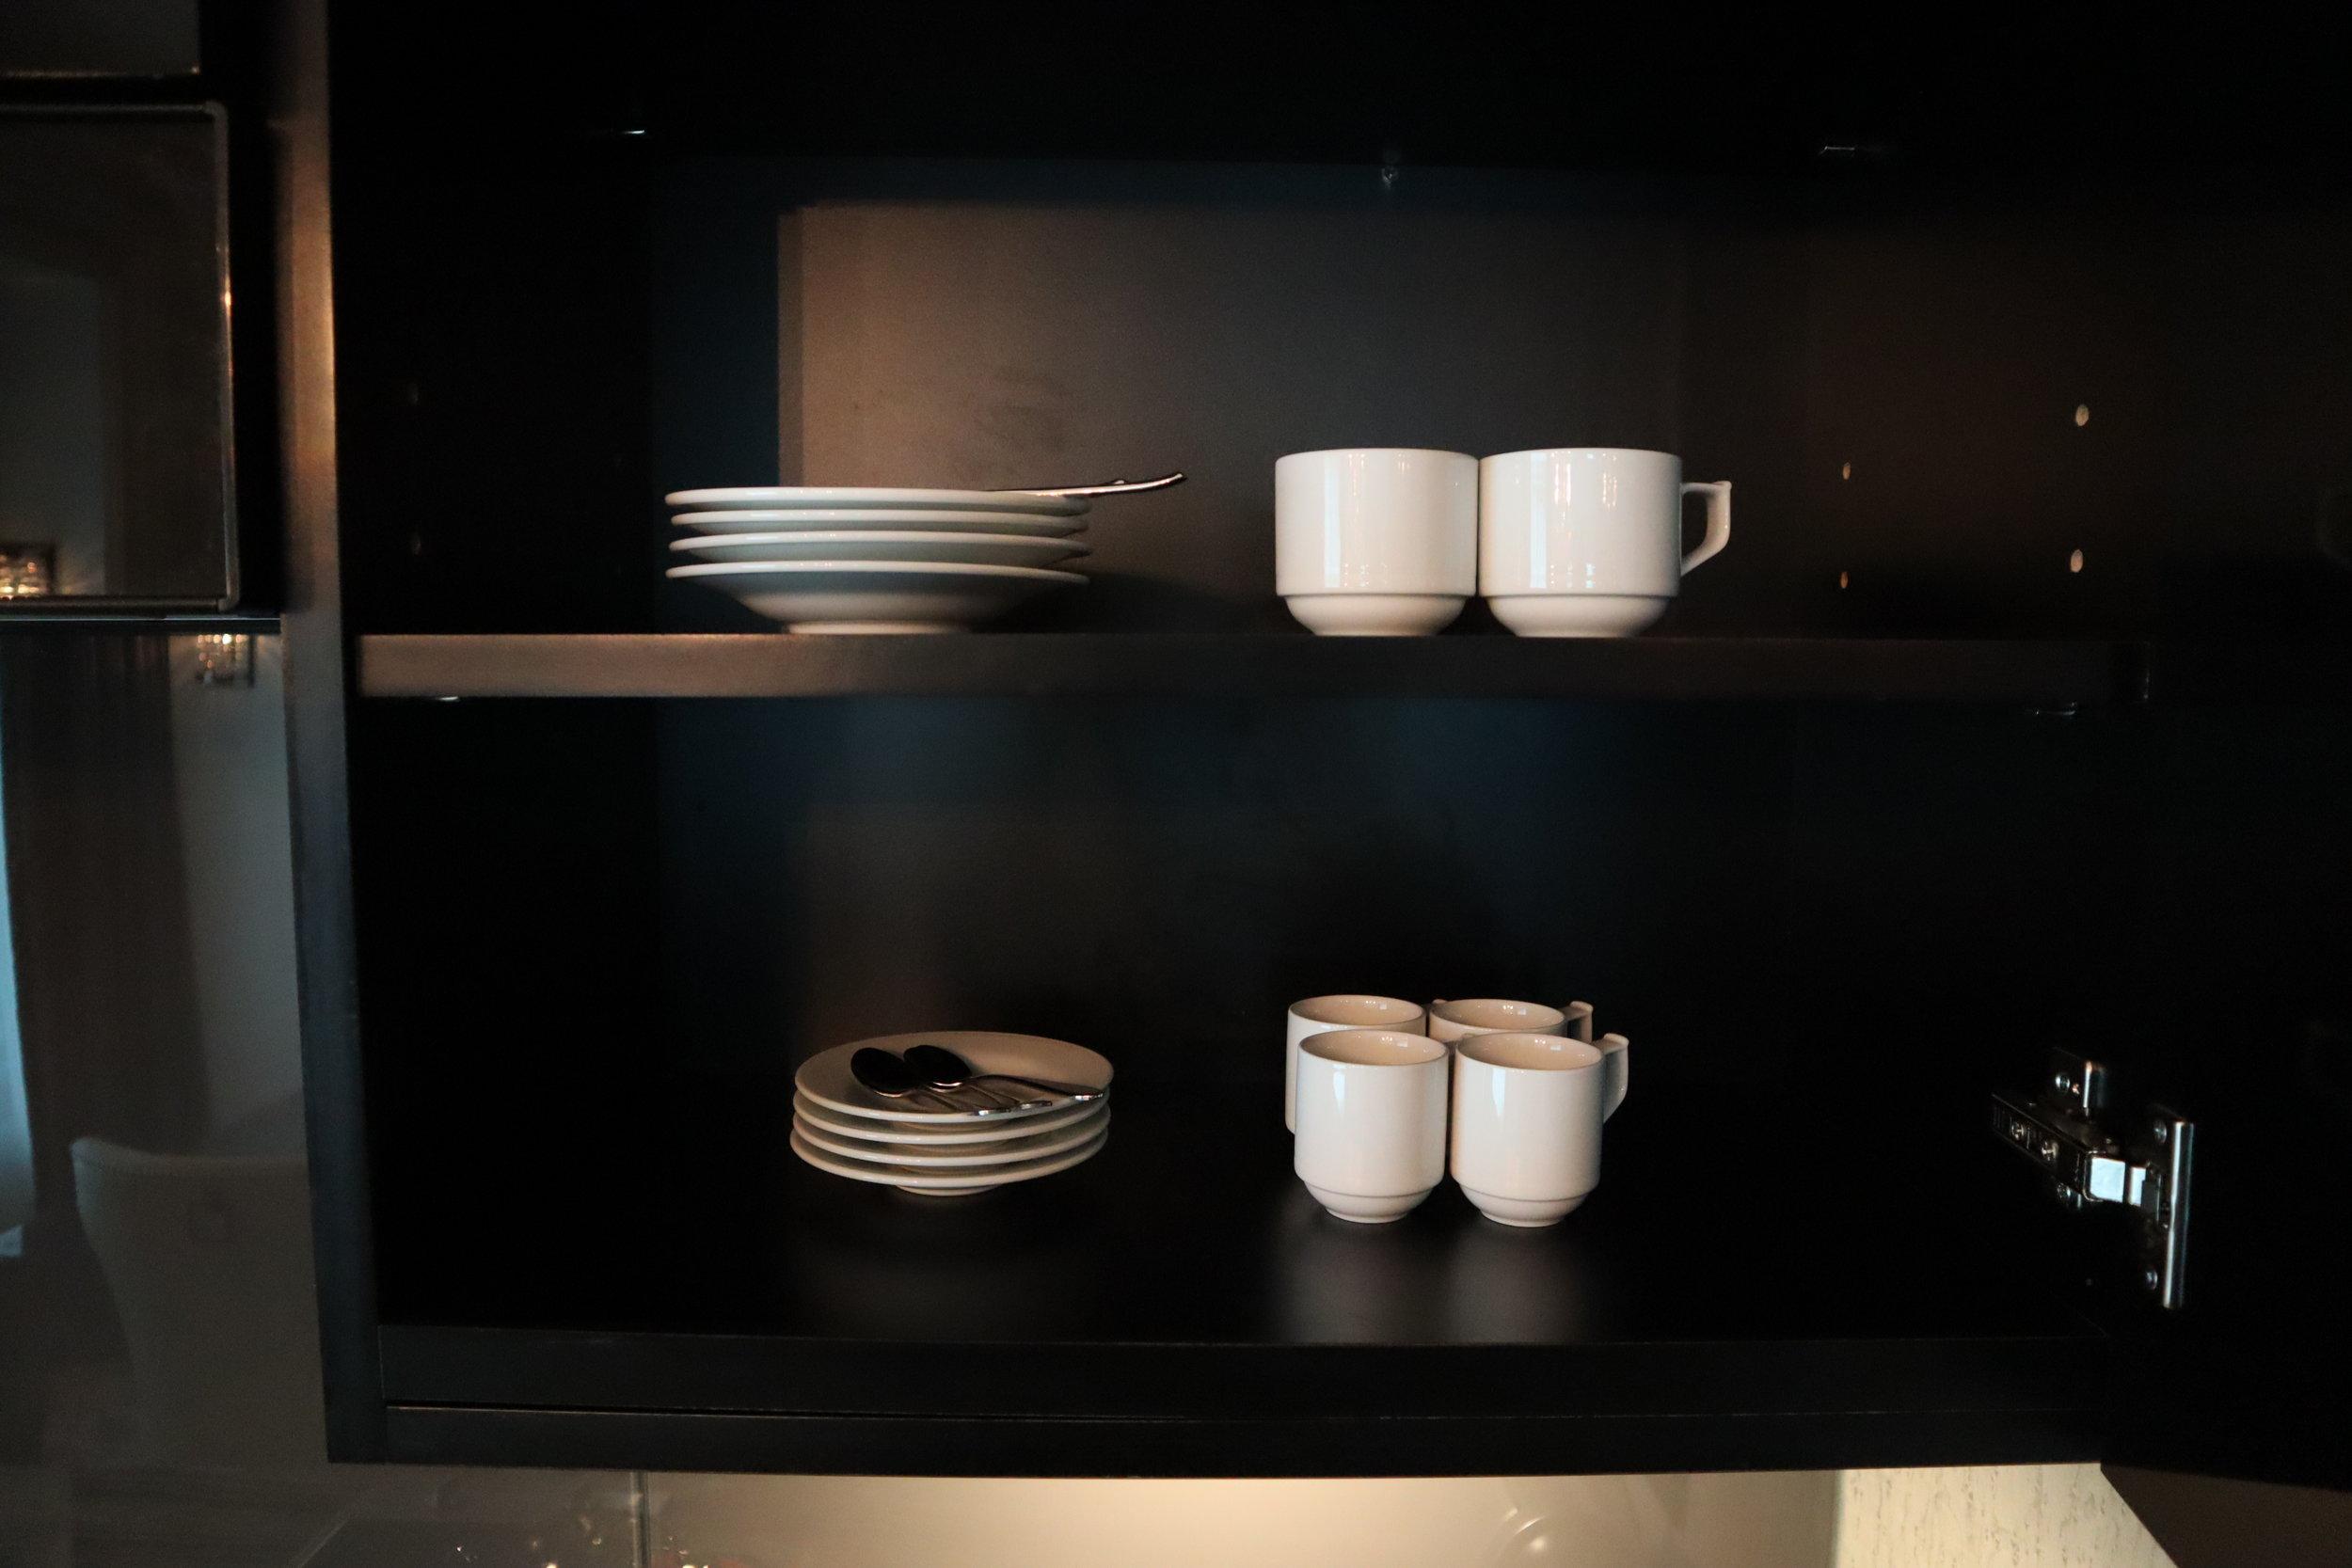 St. Regis Toronto – Two-bedroom suite tableware